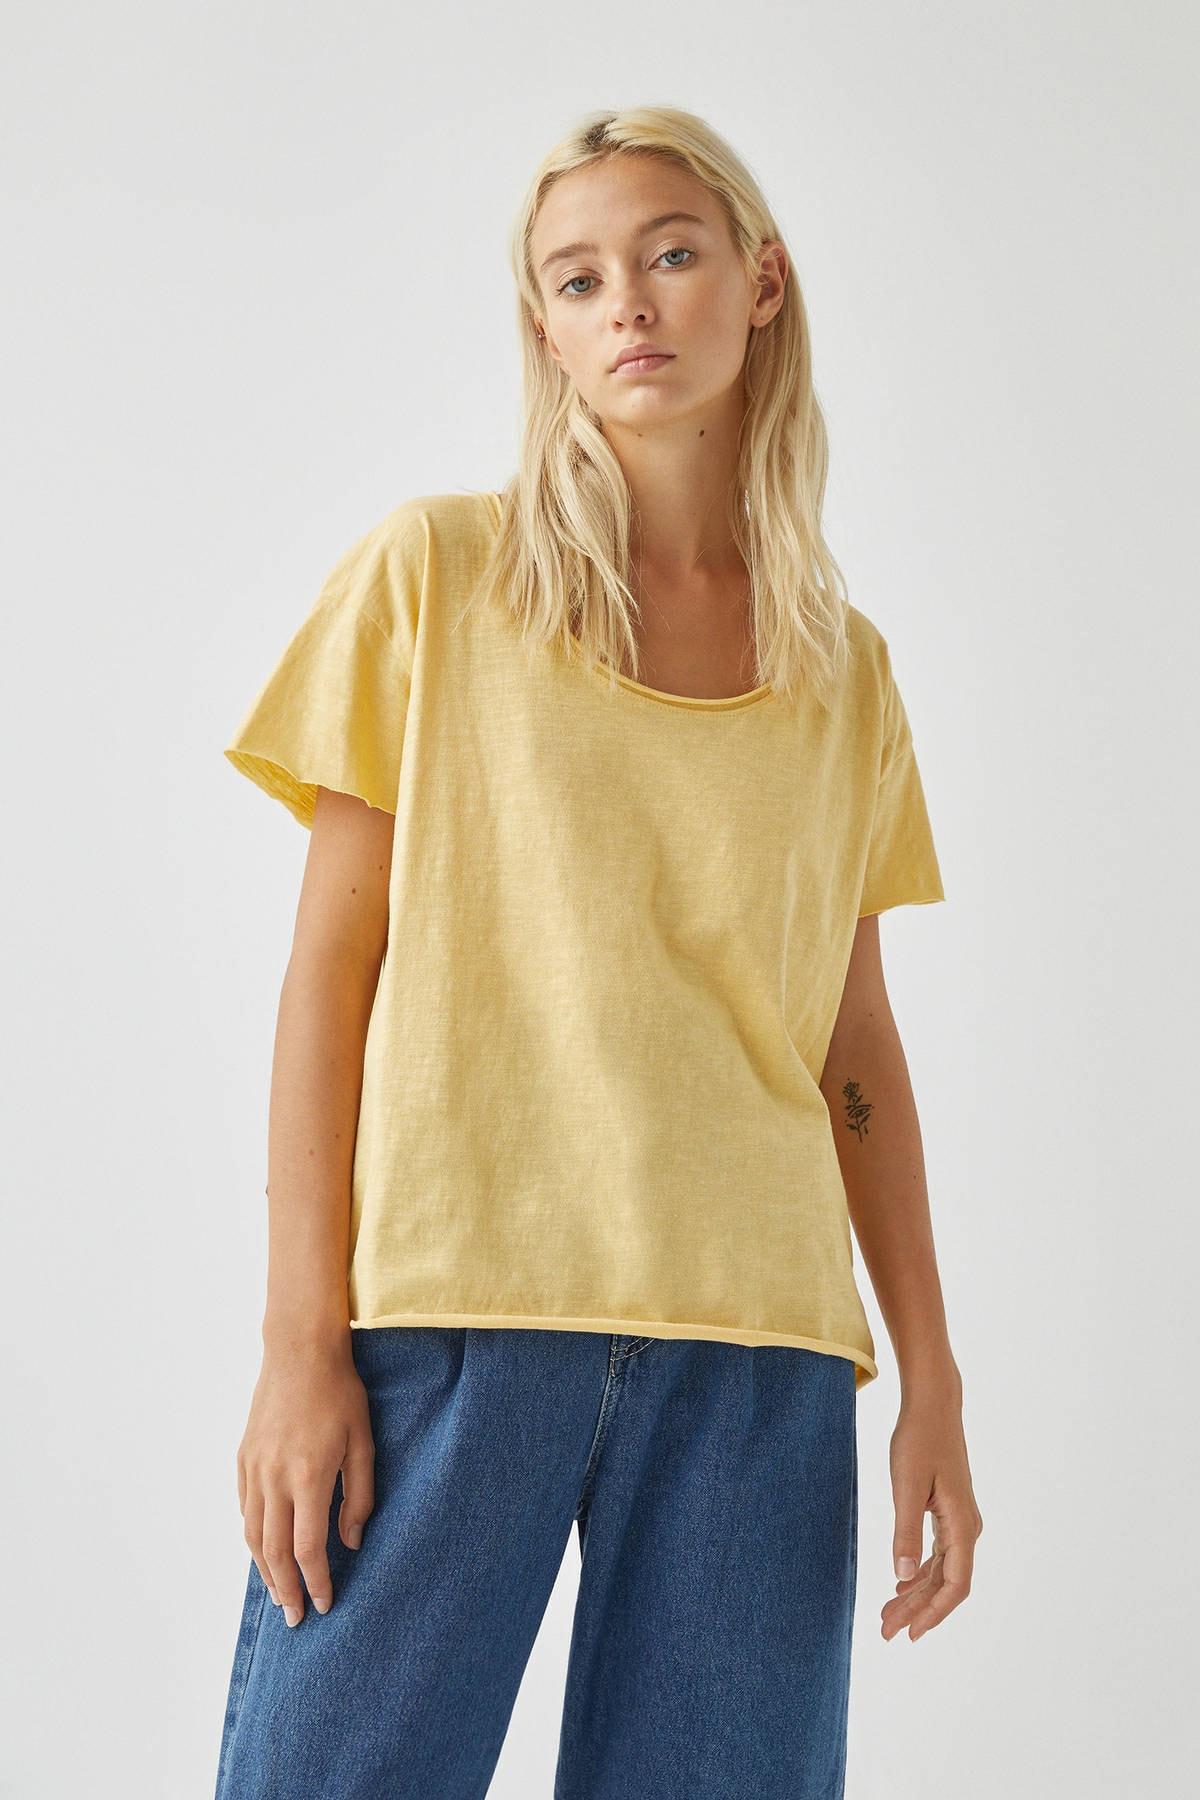 Pull & Bear Kadın Açık Sarı Biyeli Dikişli Basic T-Shirt 05236307 1